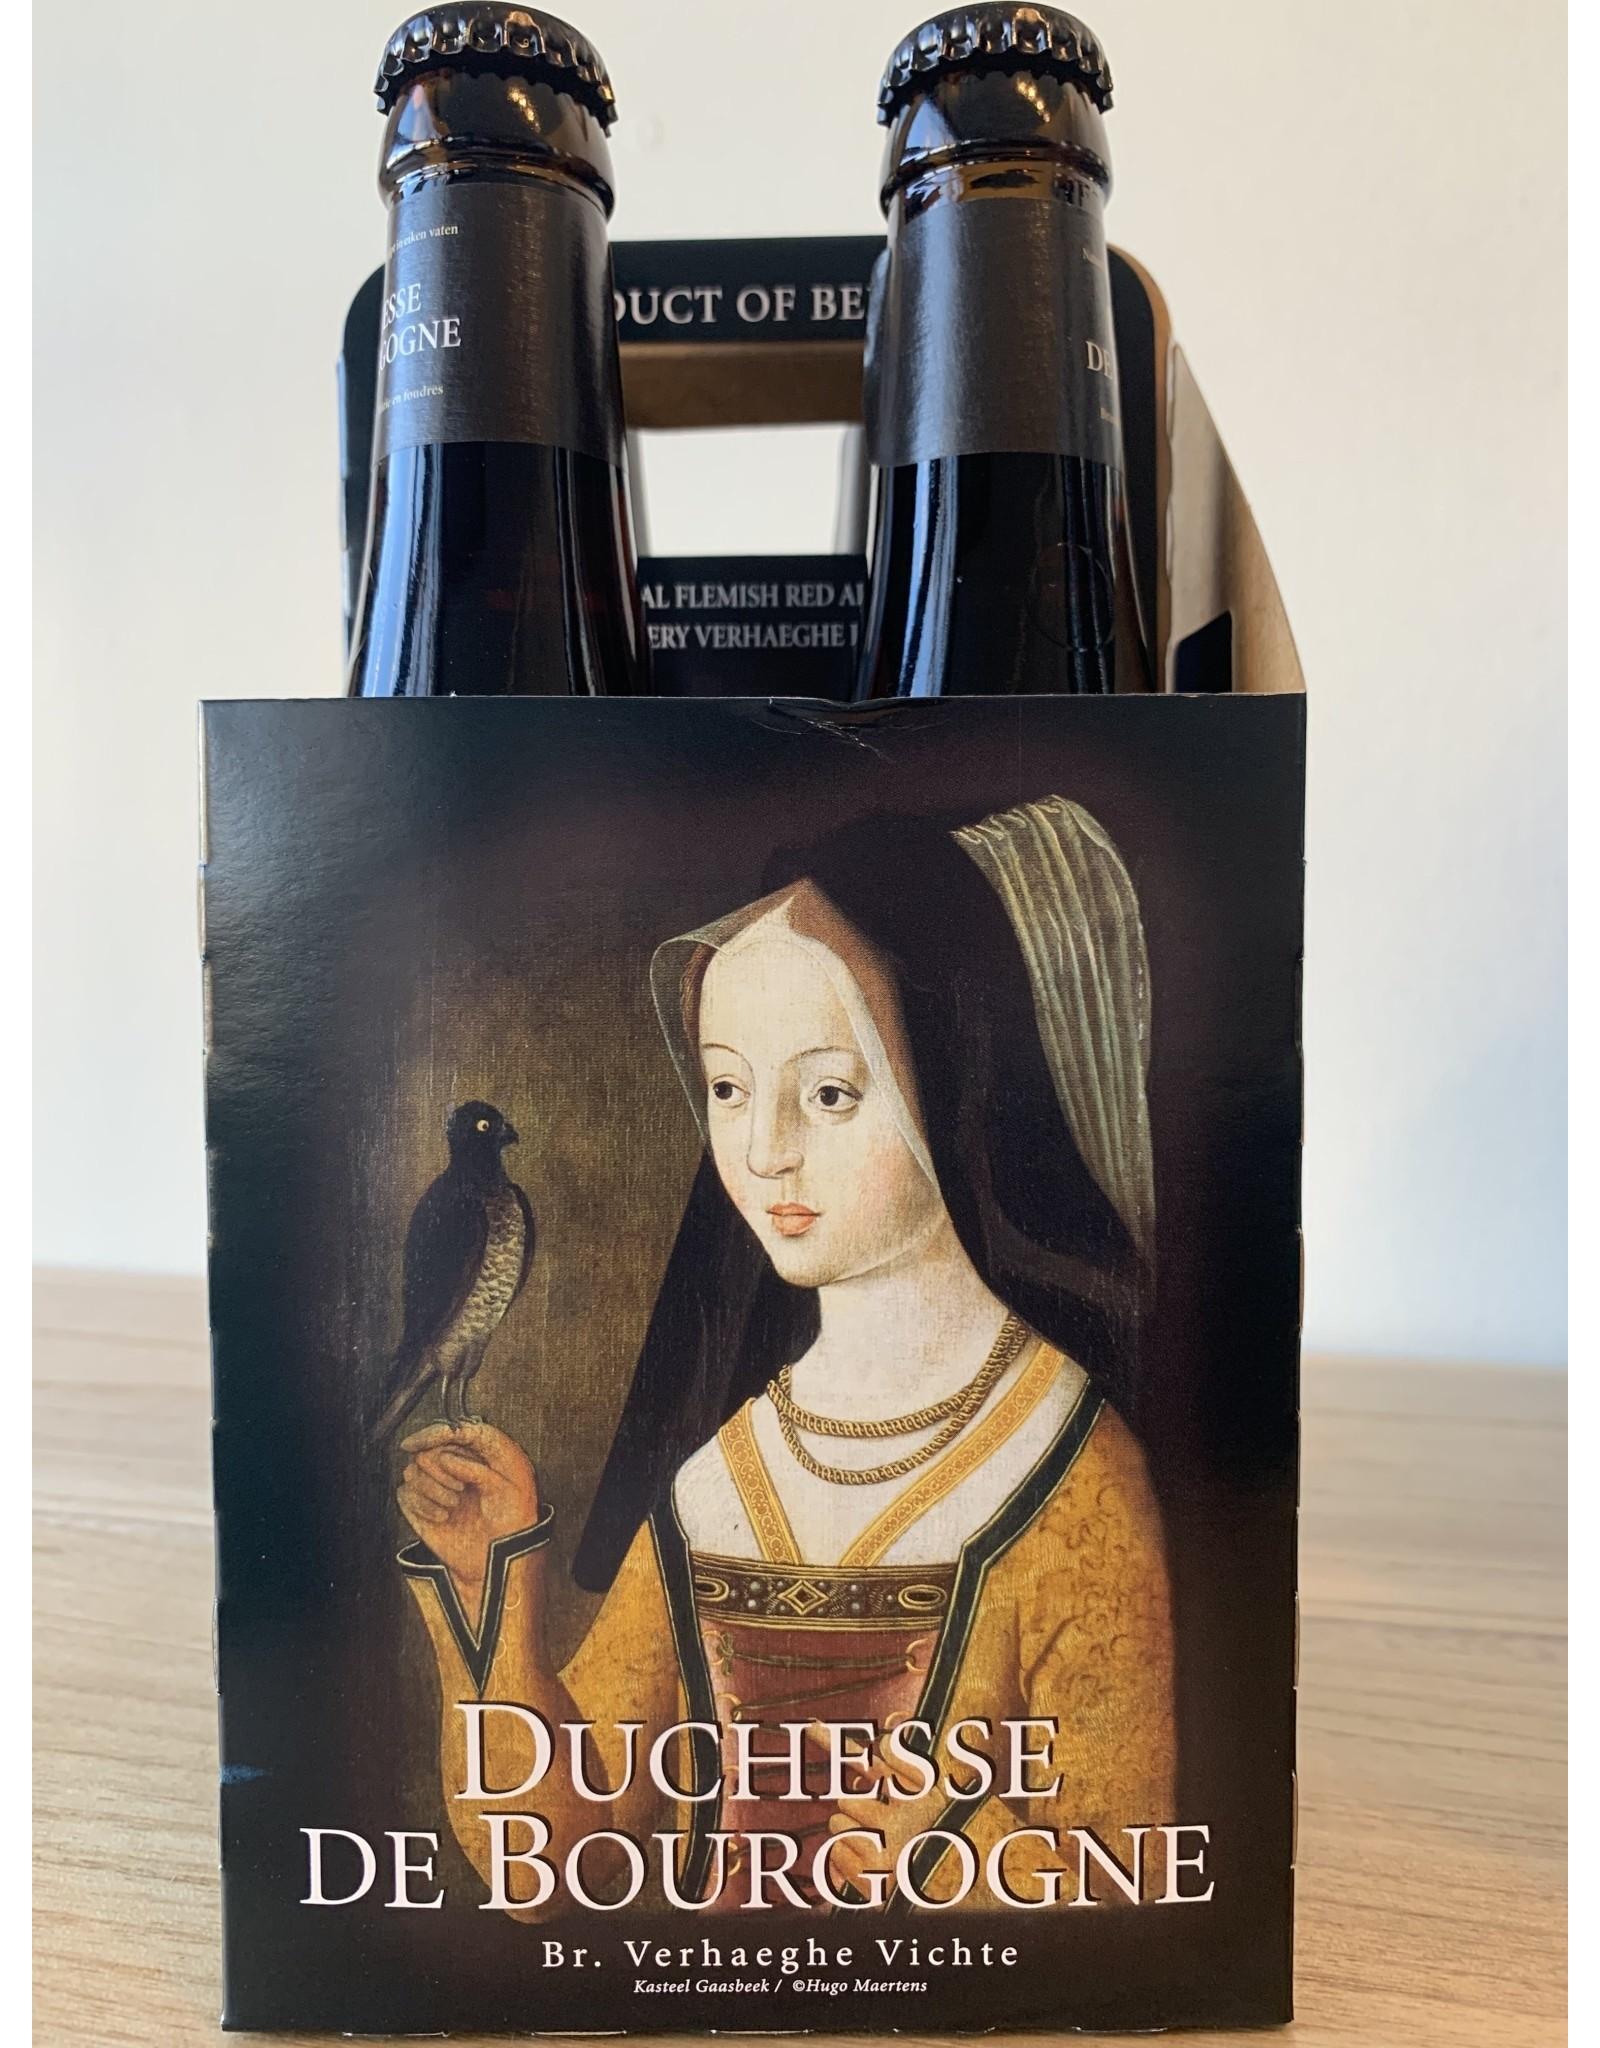 Brouwerij Verhaeghe Duchesse de Bourgogne